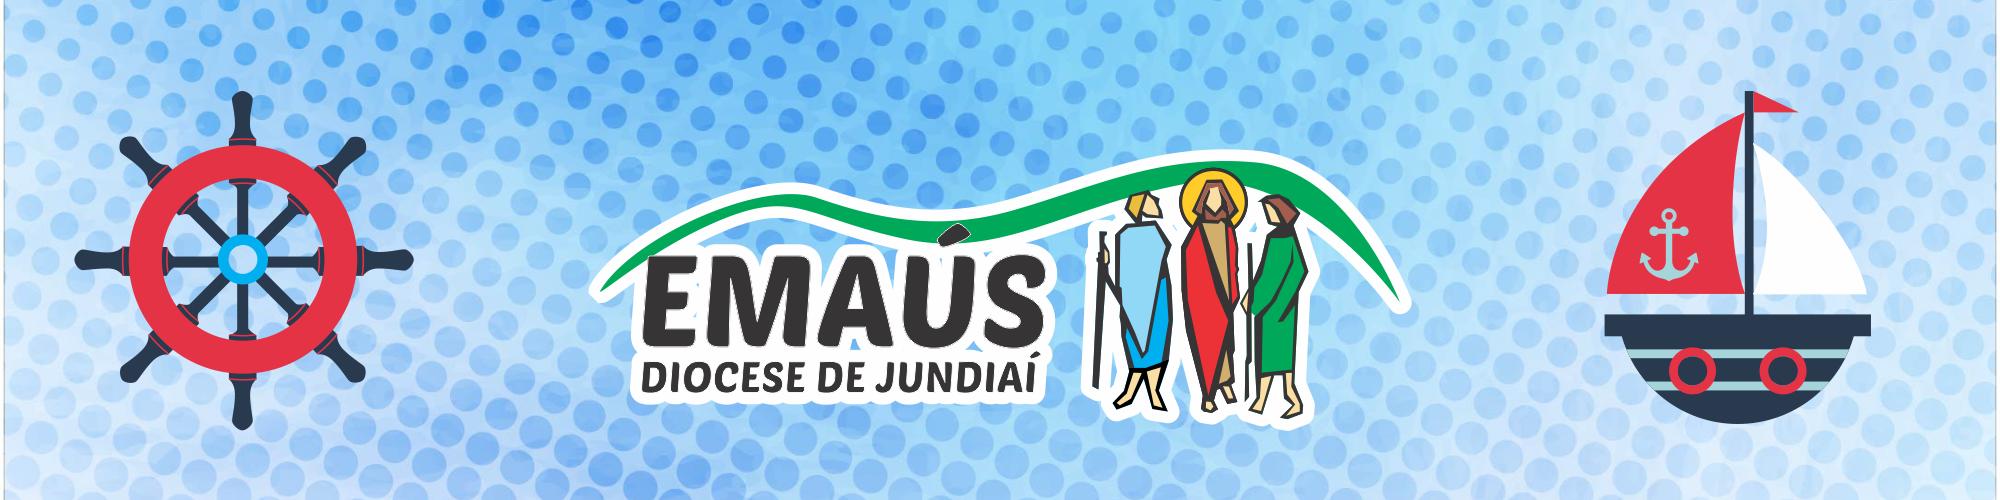 Emaús Jundiaí